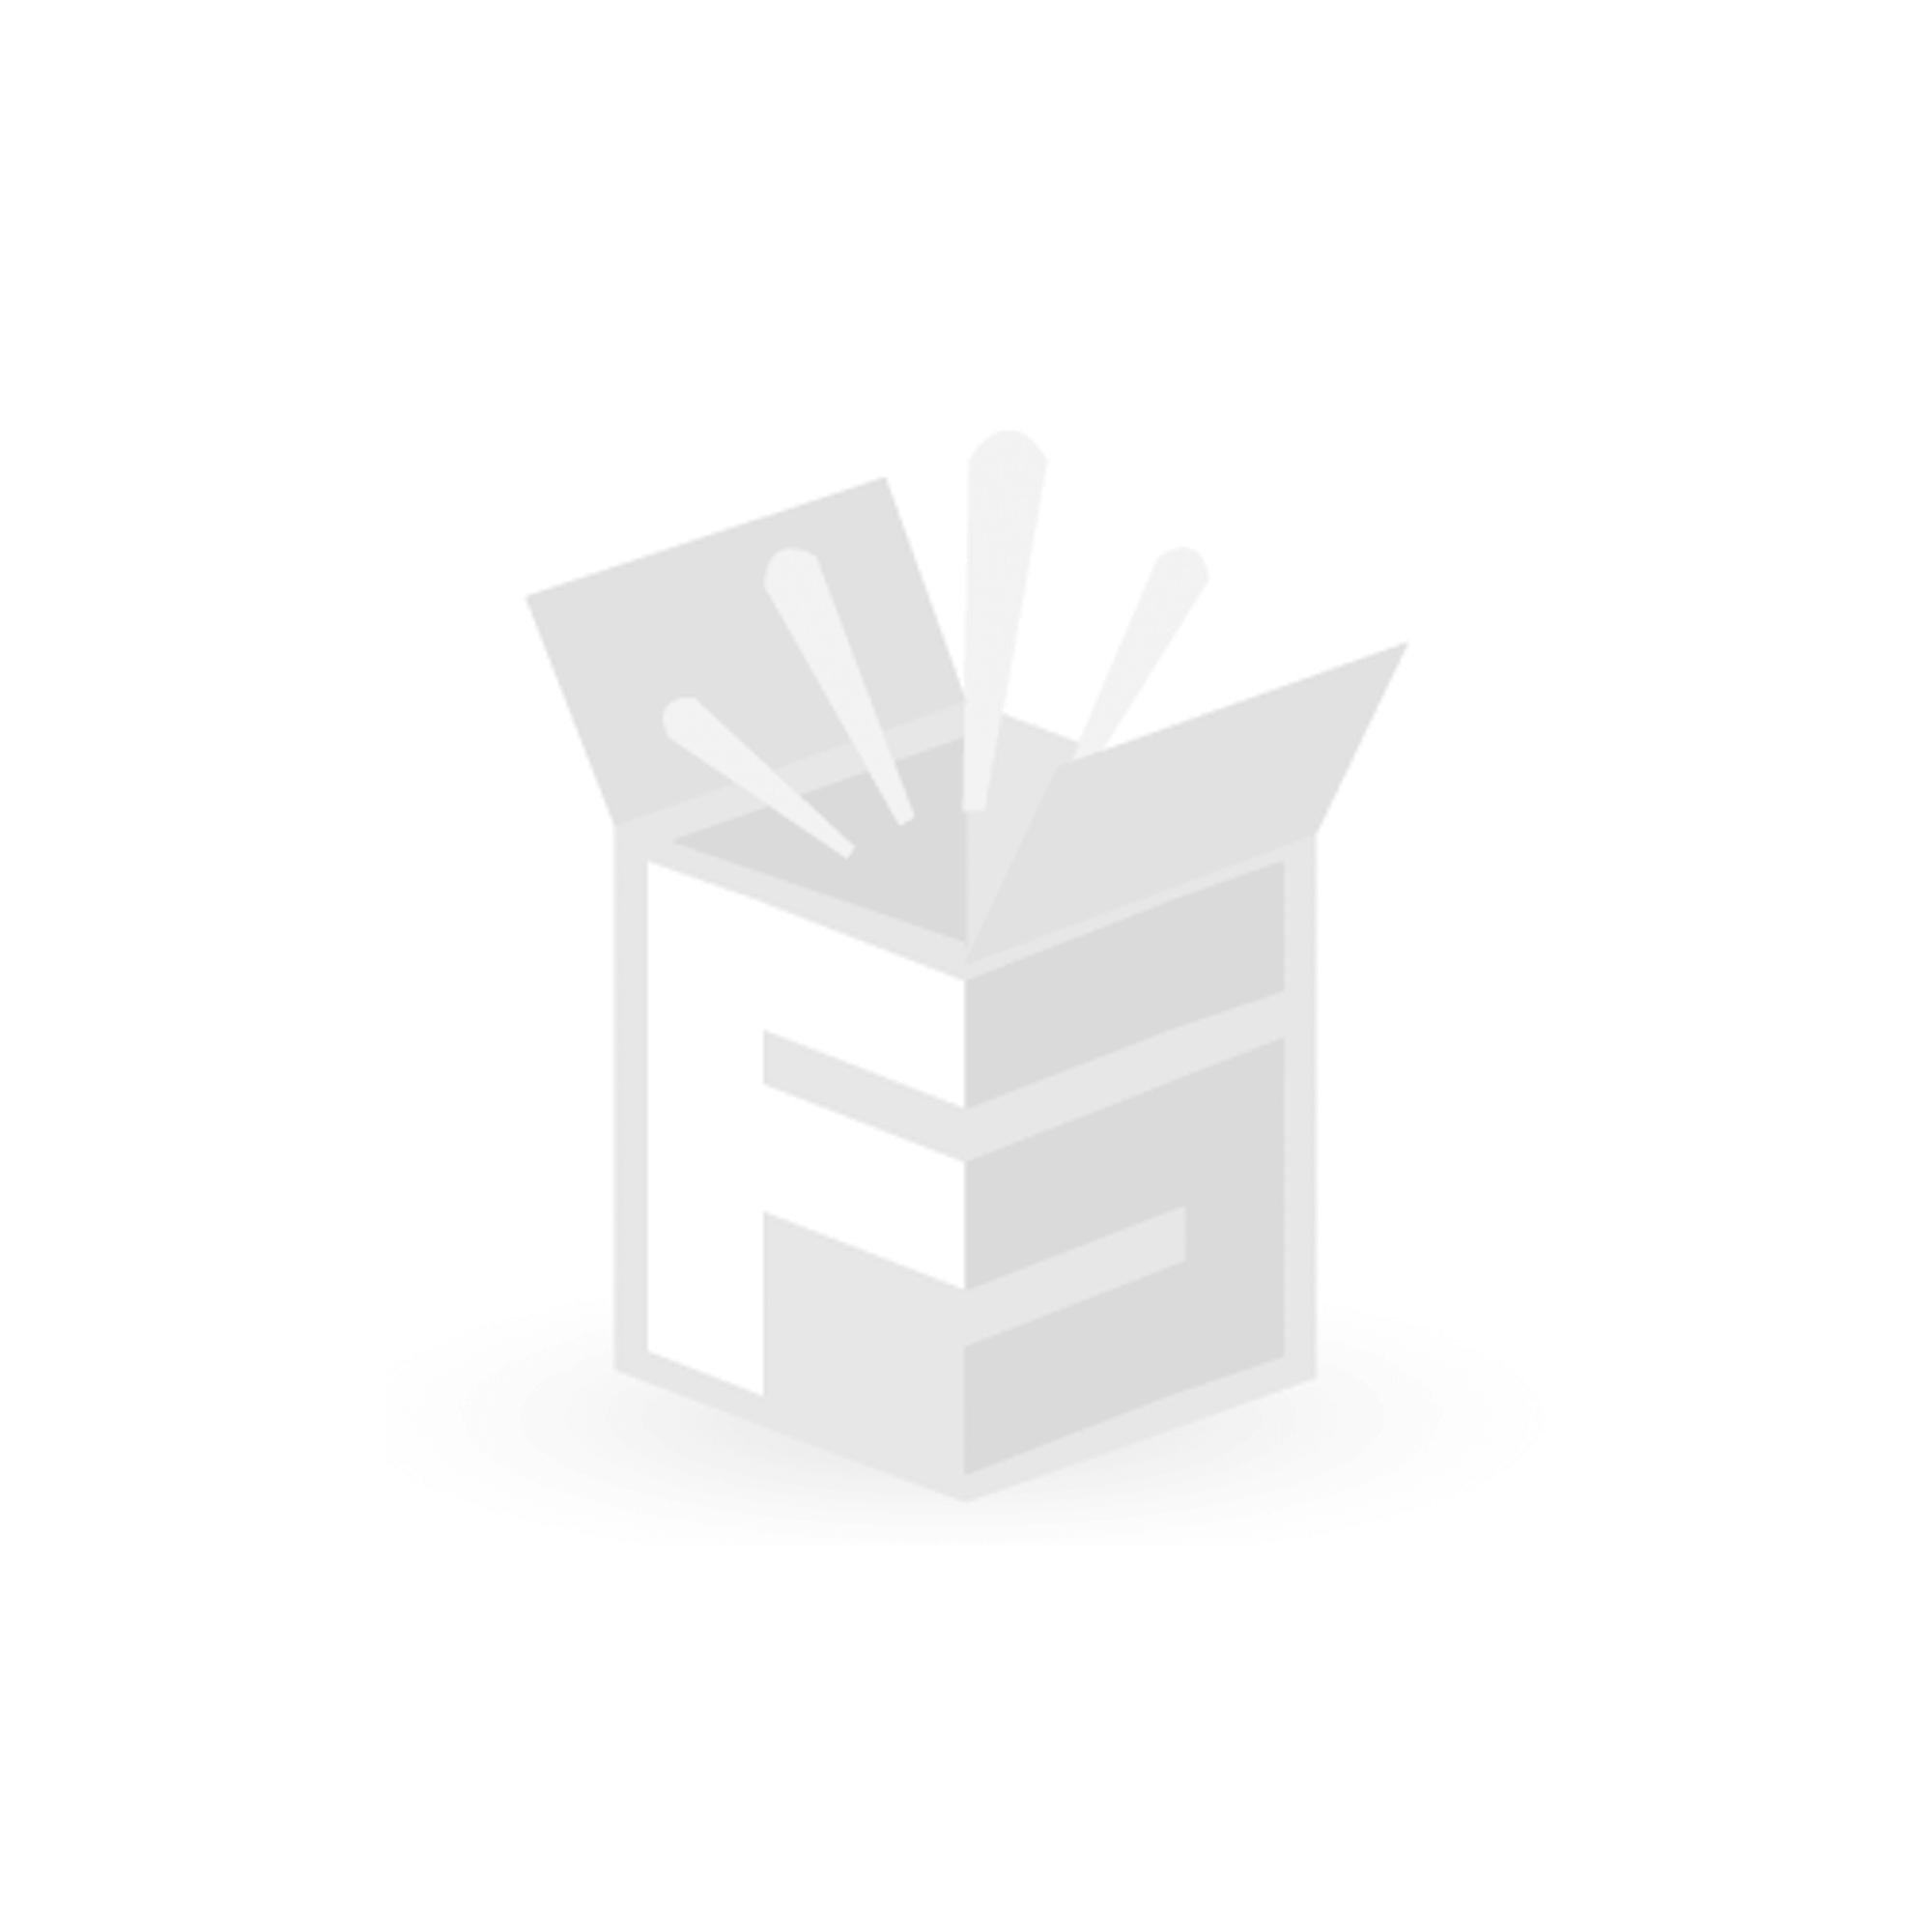 FS-STAR Coussins velours Set de 2 pièces 42 x 42 x 6 cm gris